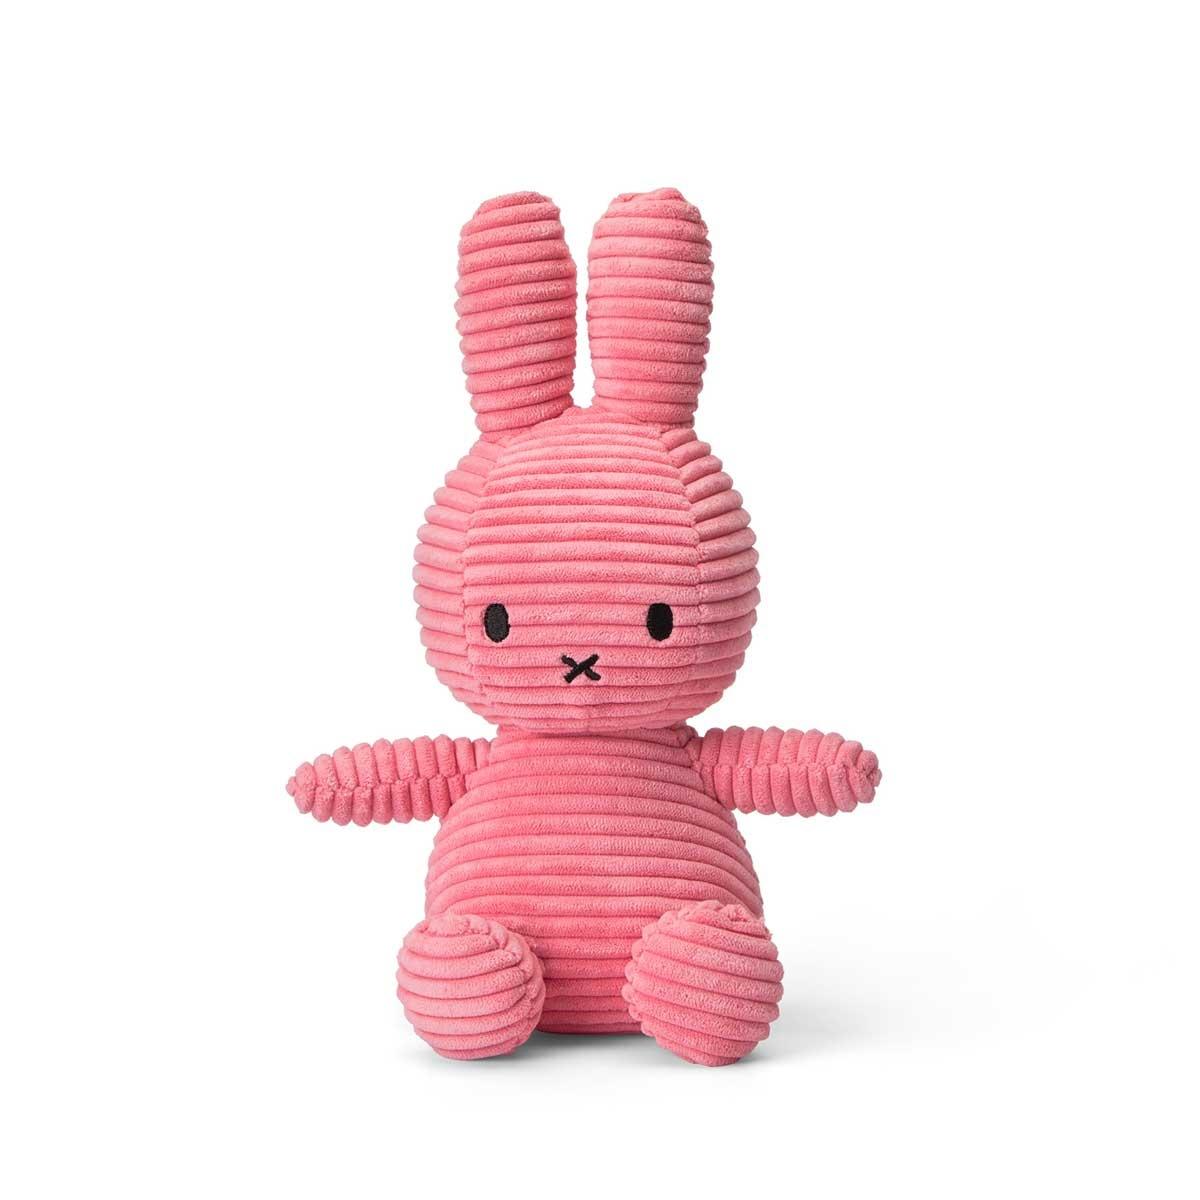 nijntje knuffel roze kopen